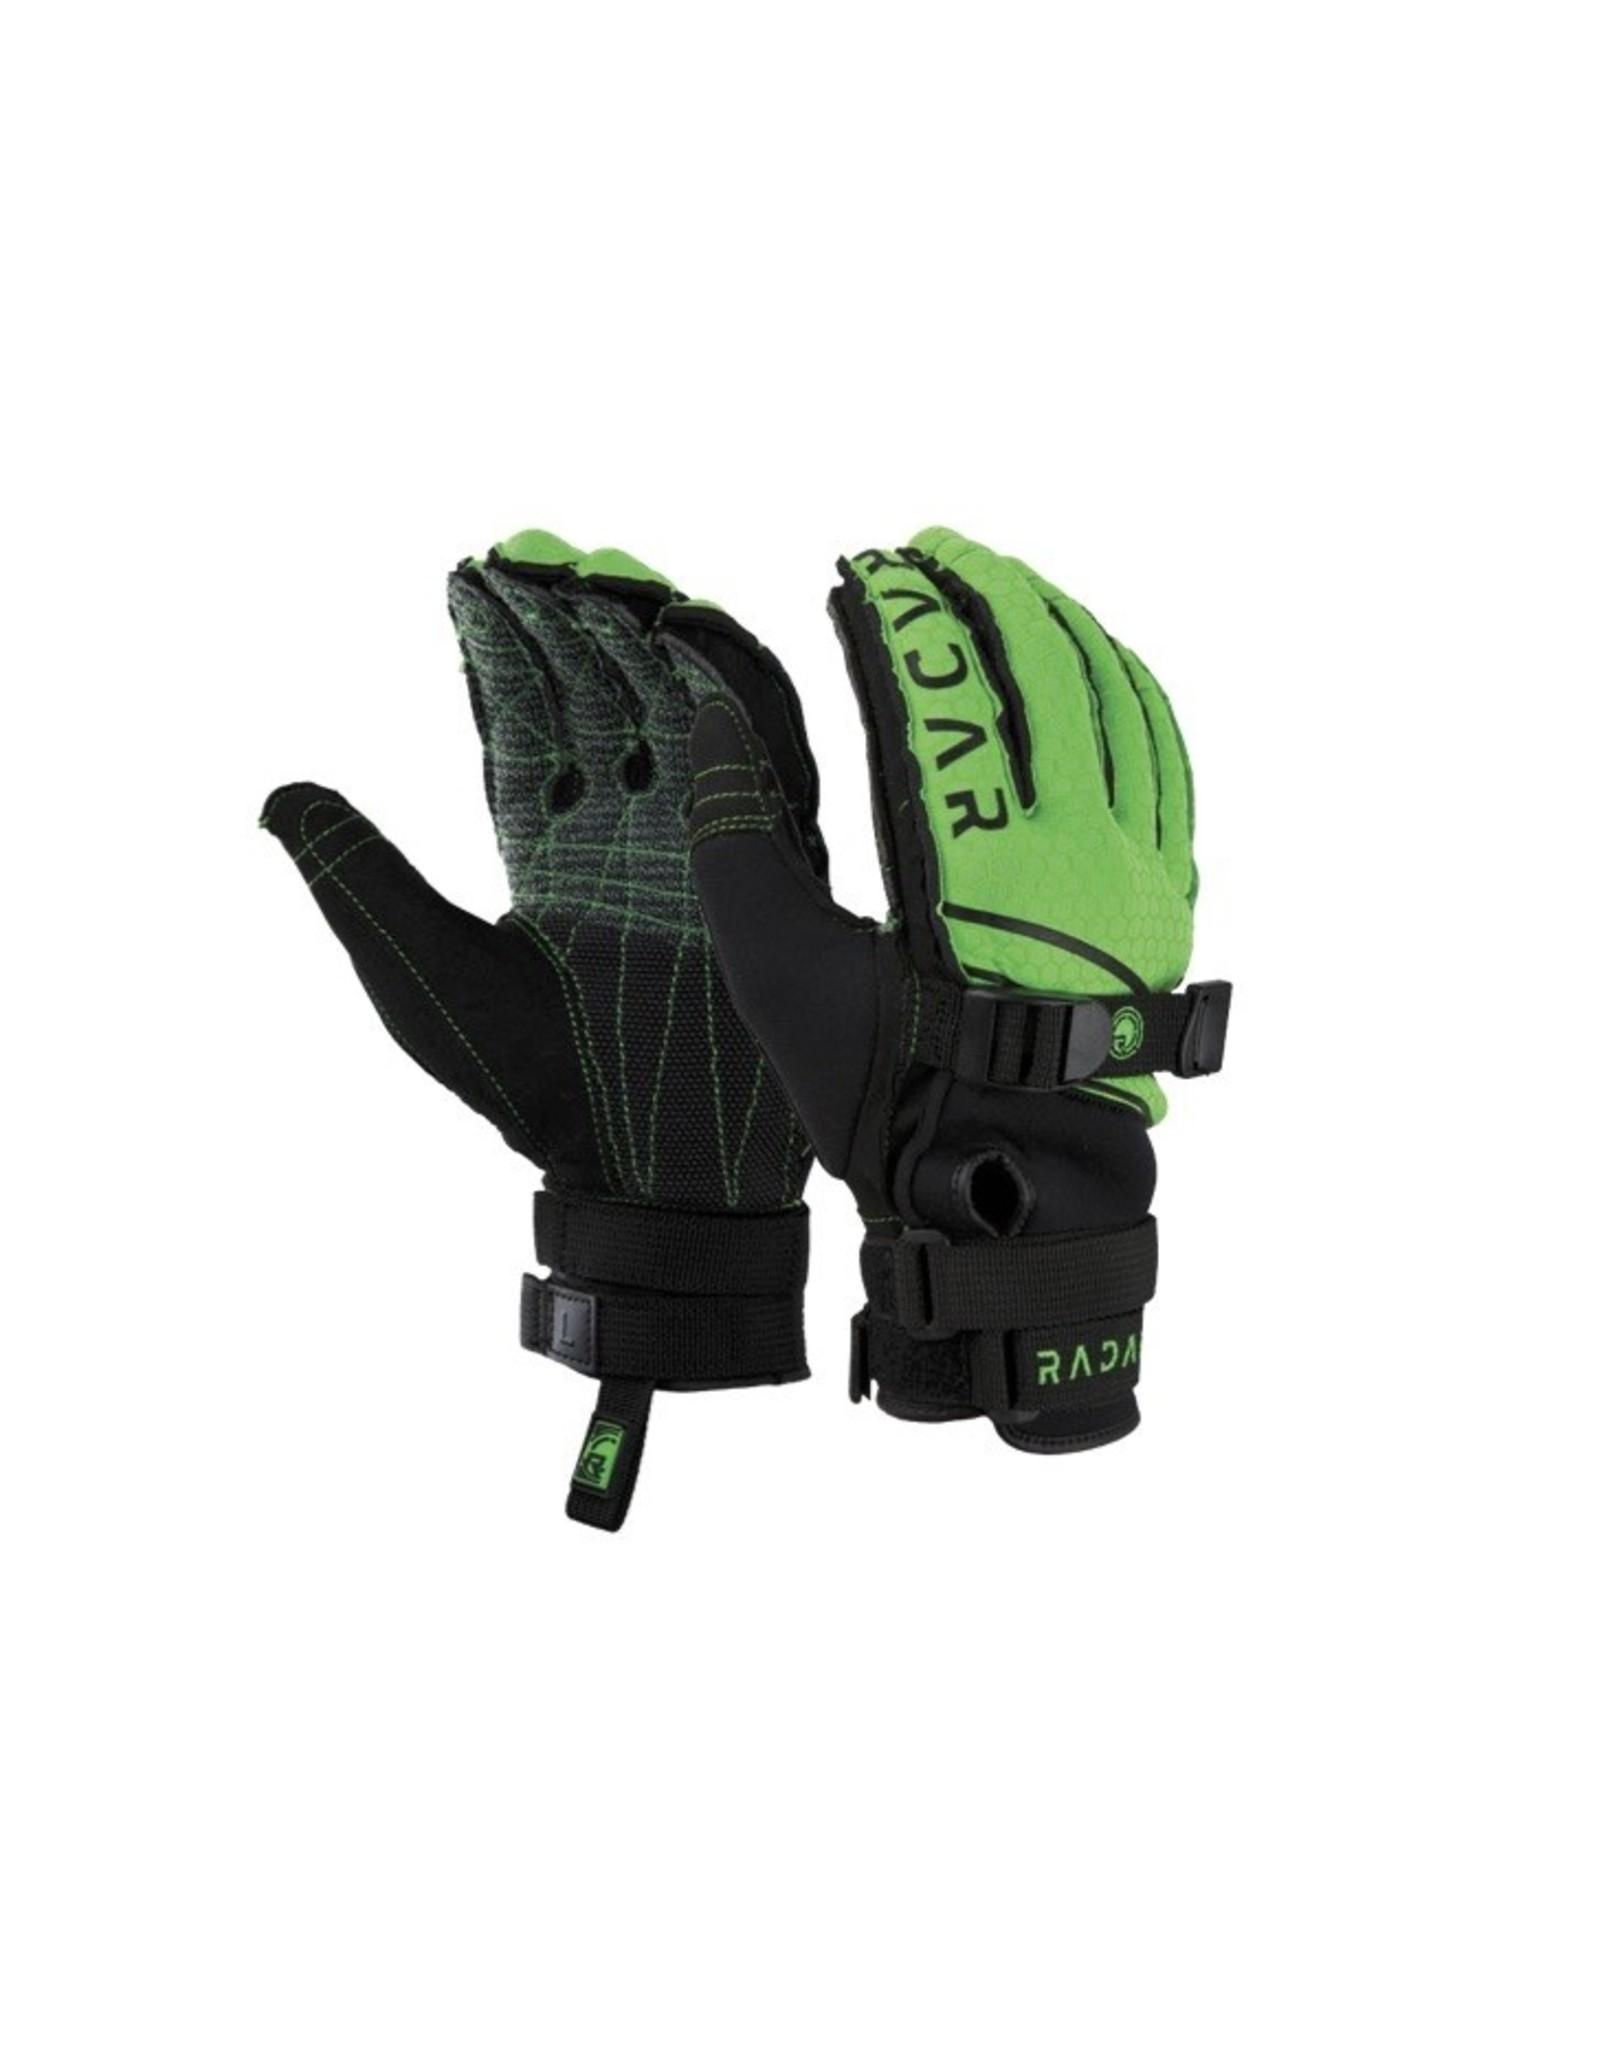 Radar 2019 Ergo-K Inside-Out Glove Medium